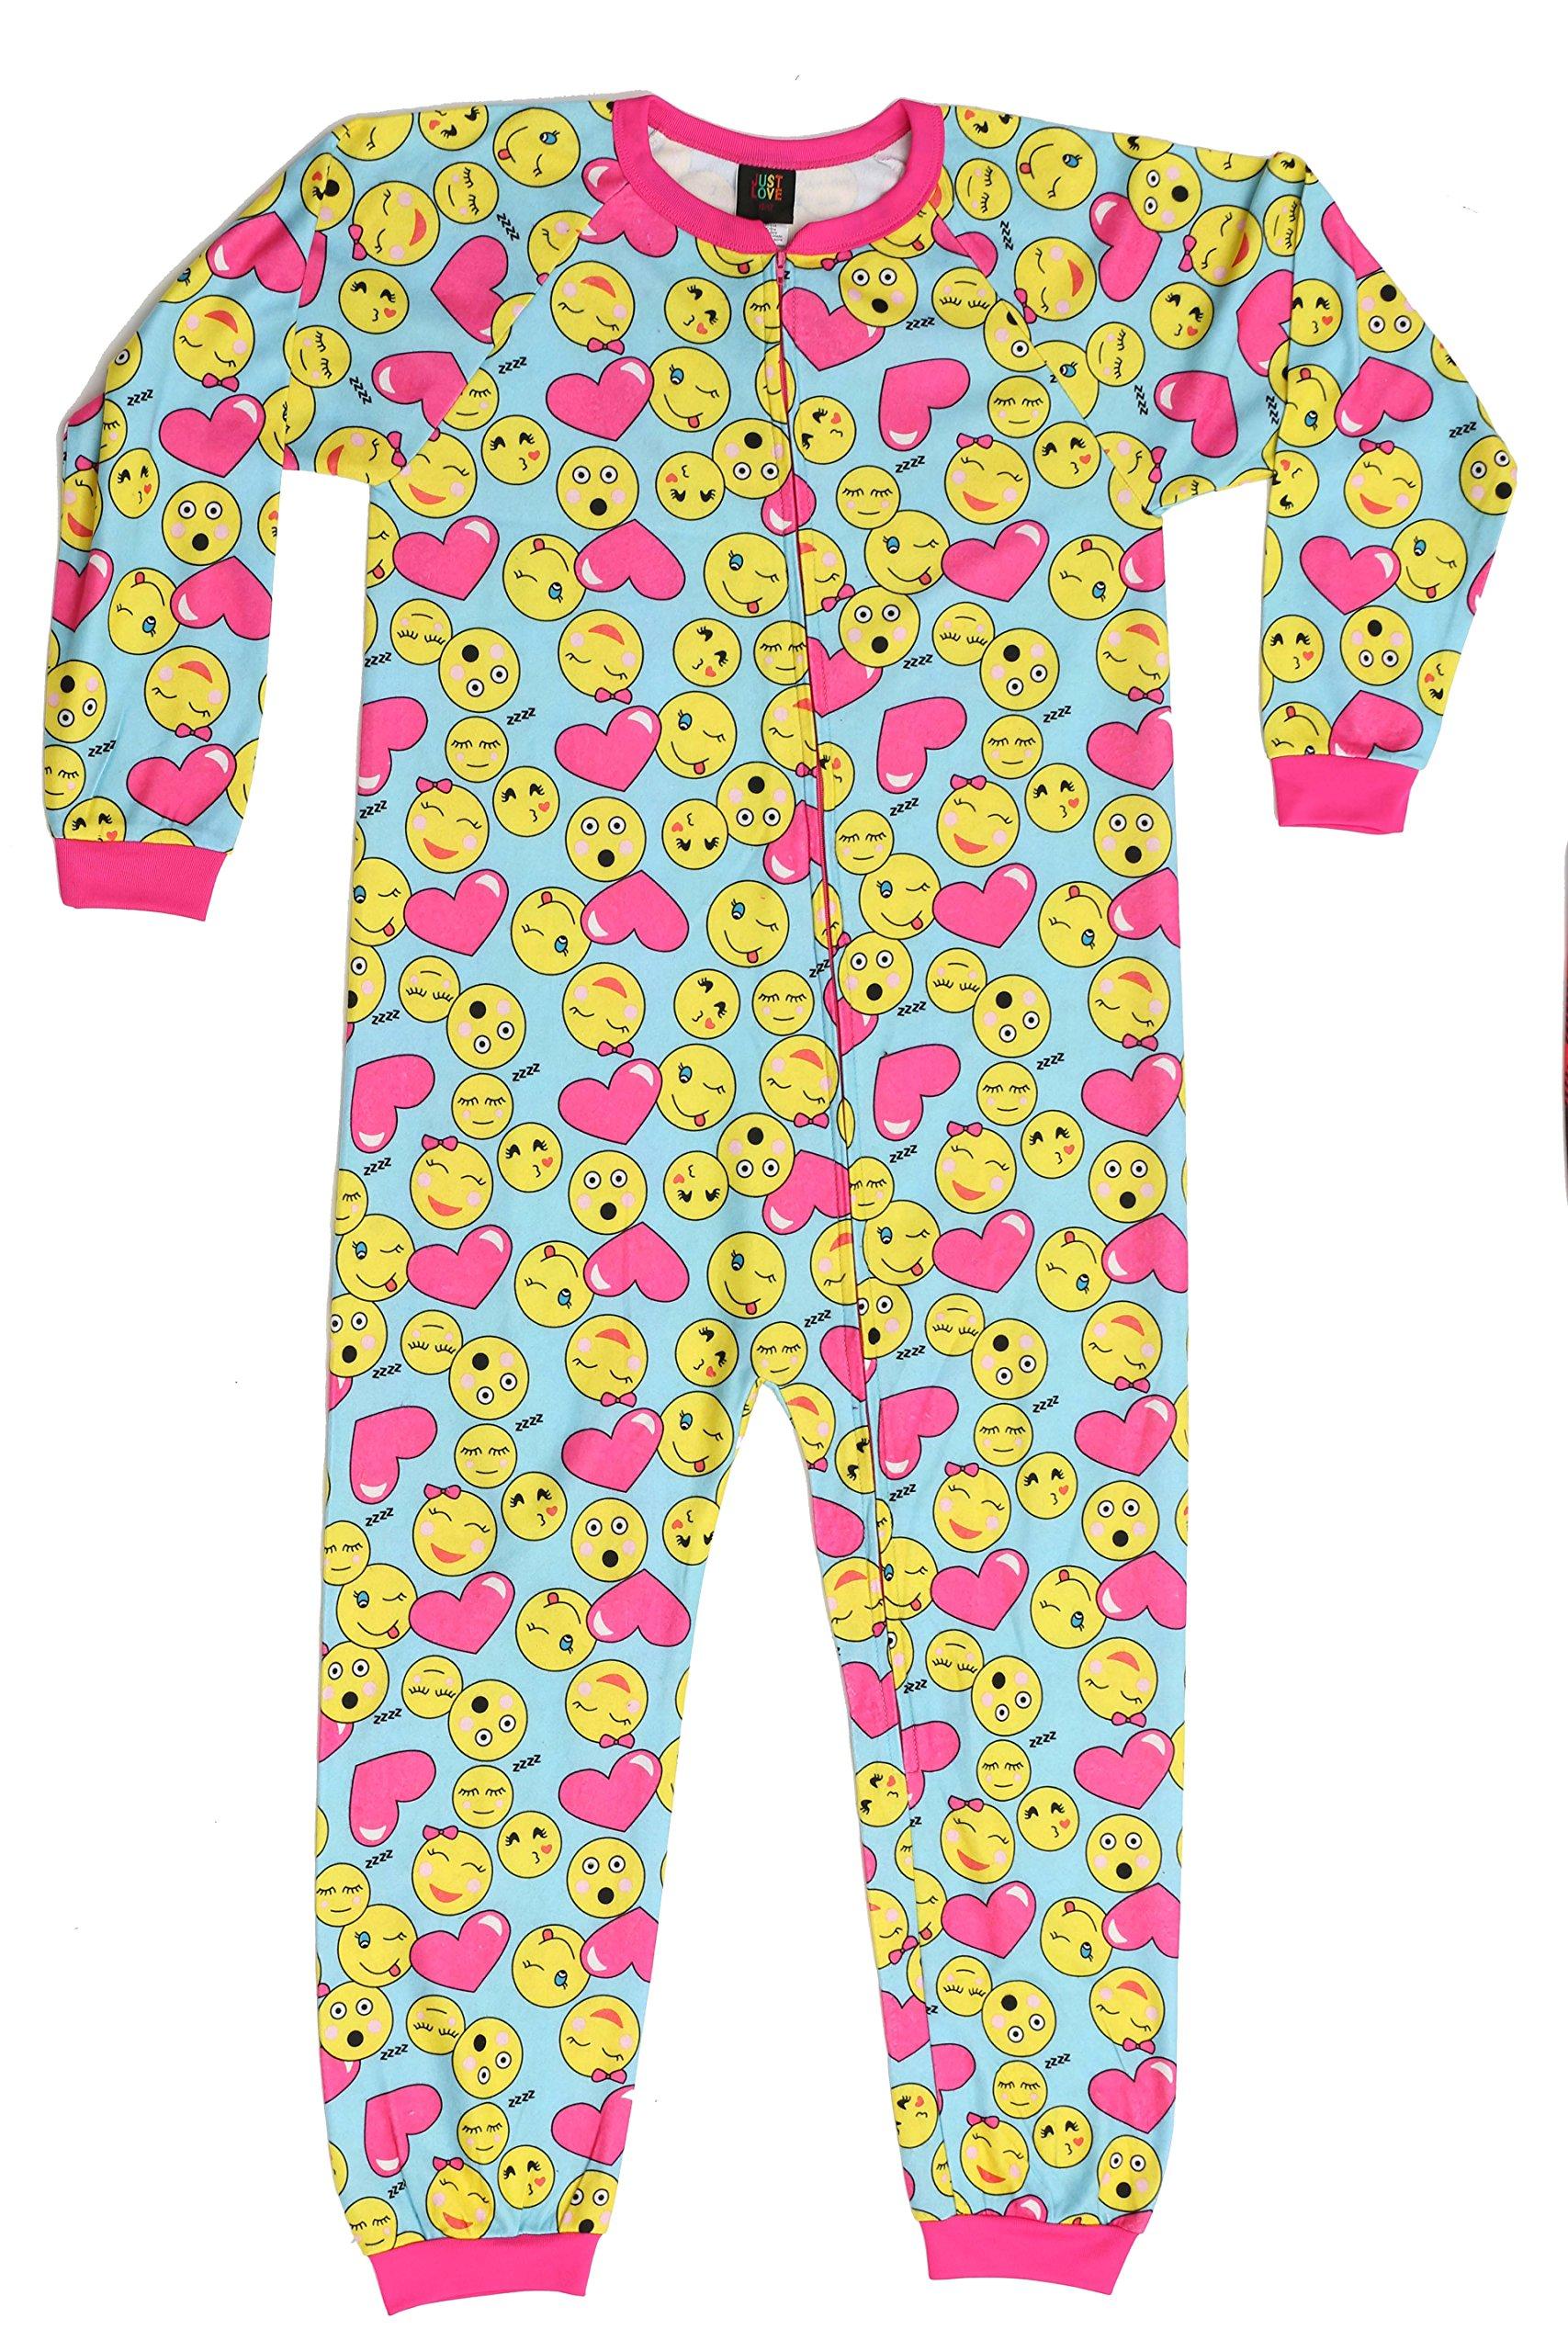 95613-41-14-16 Just Love Printed Flannel Blanket Sleepers Heart Emoji Girls' 14-16